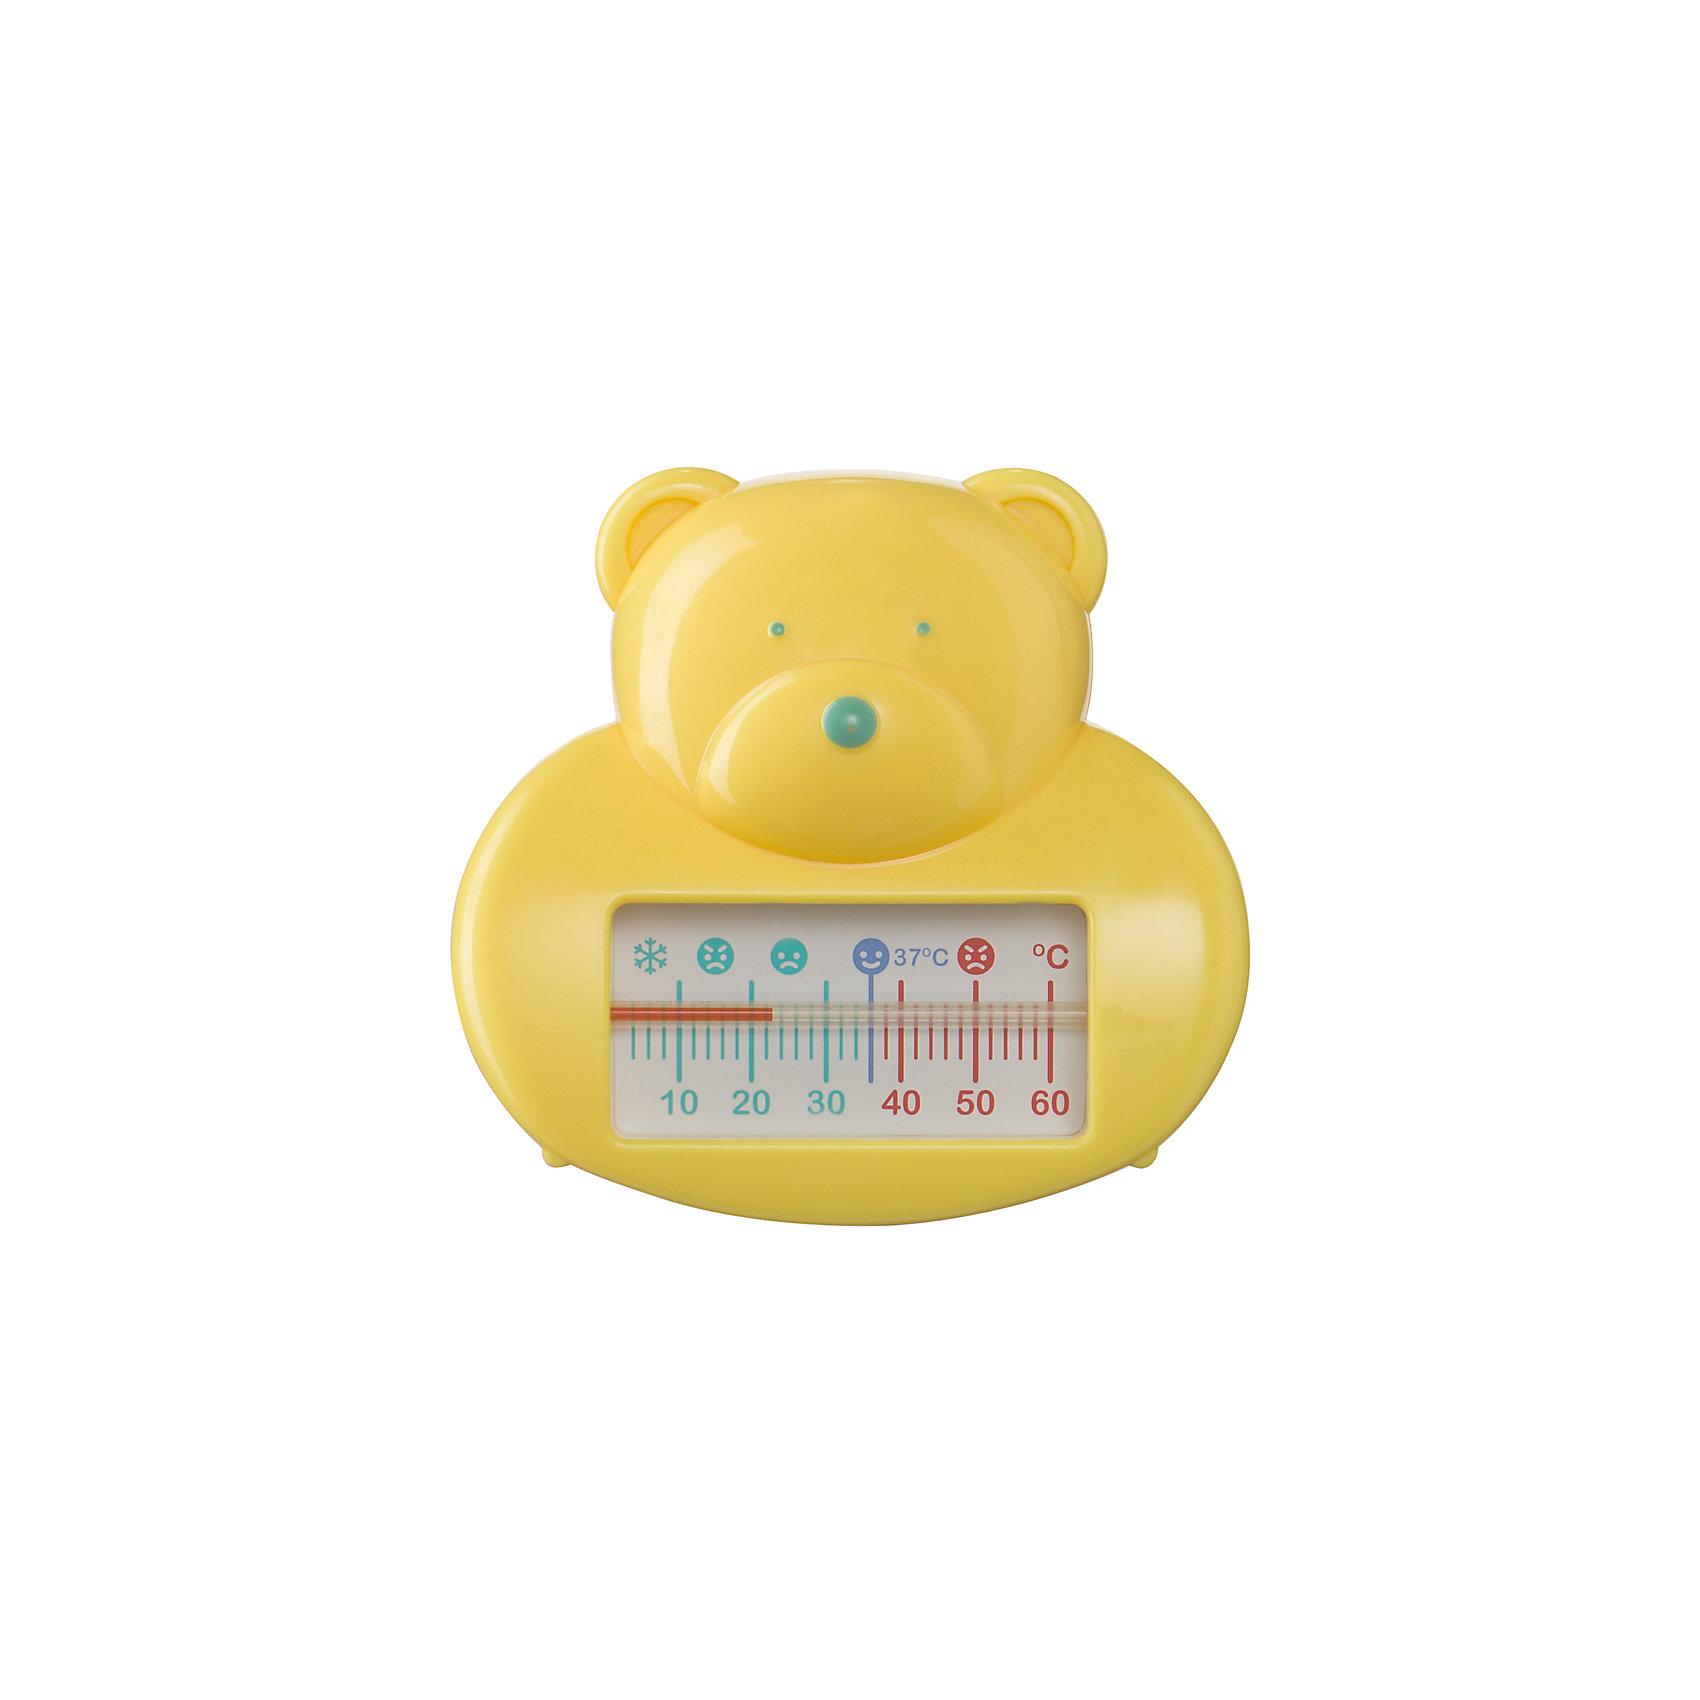 Термометр для воды, Happy Baby, желтыйТермометры<br>Для ухода за каждым малышом с момента его рождения требуются специальные  предметы. На помощь родителям придут разработанные профессионалами приспособления. Термометр для воды от Happy Baby (Хэпи Бэби) позволит правильно ухаживать за малышом каждый день.<br>Мамы знают, как тяжело найти предметы для ухода за малышом, подходящие для самых маленьких. Этот термометр для воды для многих спасением! Он отличается забавной формой - медвежонок - благодаря которой купание можно превратить в игру или отвлечь внимание малыша. На шкале есть отметки для определения оптимальной температуры воды. Сделан он из высококачественных и безопасных для малышей материалов.<br><br>Дополнительная информация:<br><br>цвет: желтый;<br>форма - мишка;<br>поможет определить оптимальную температуру воды.<br><br>Термометр для воды, Happy Baby (Хэпи Бэби), желтый, можно купить в нашем магазине.<br><br>Ширина мм: 50<br>Глубина мм: 150<br>Высота мм: 150<br>Вес г: 58<br>Возраст от месяцев: 0<br>Возраст до месяцев: 36<br>Пол: Унисекс<br>Возраст: Детский<br>SKU: 4695021